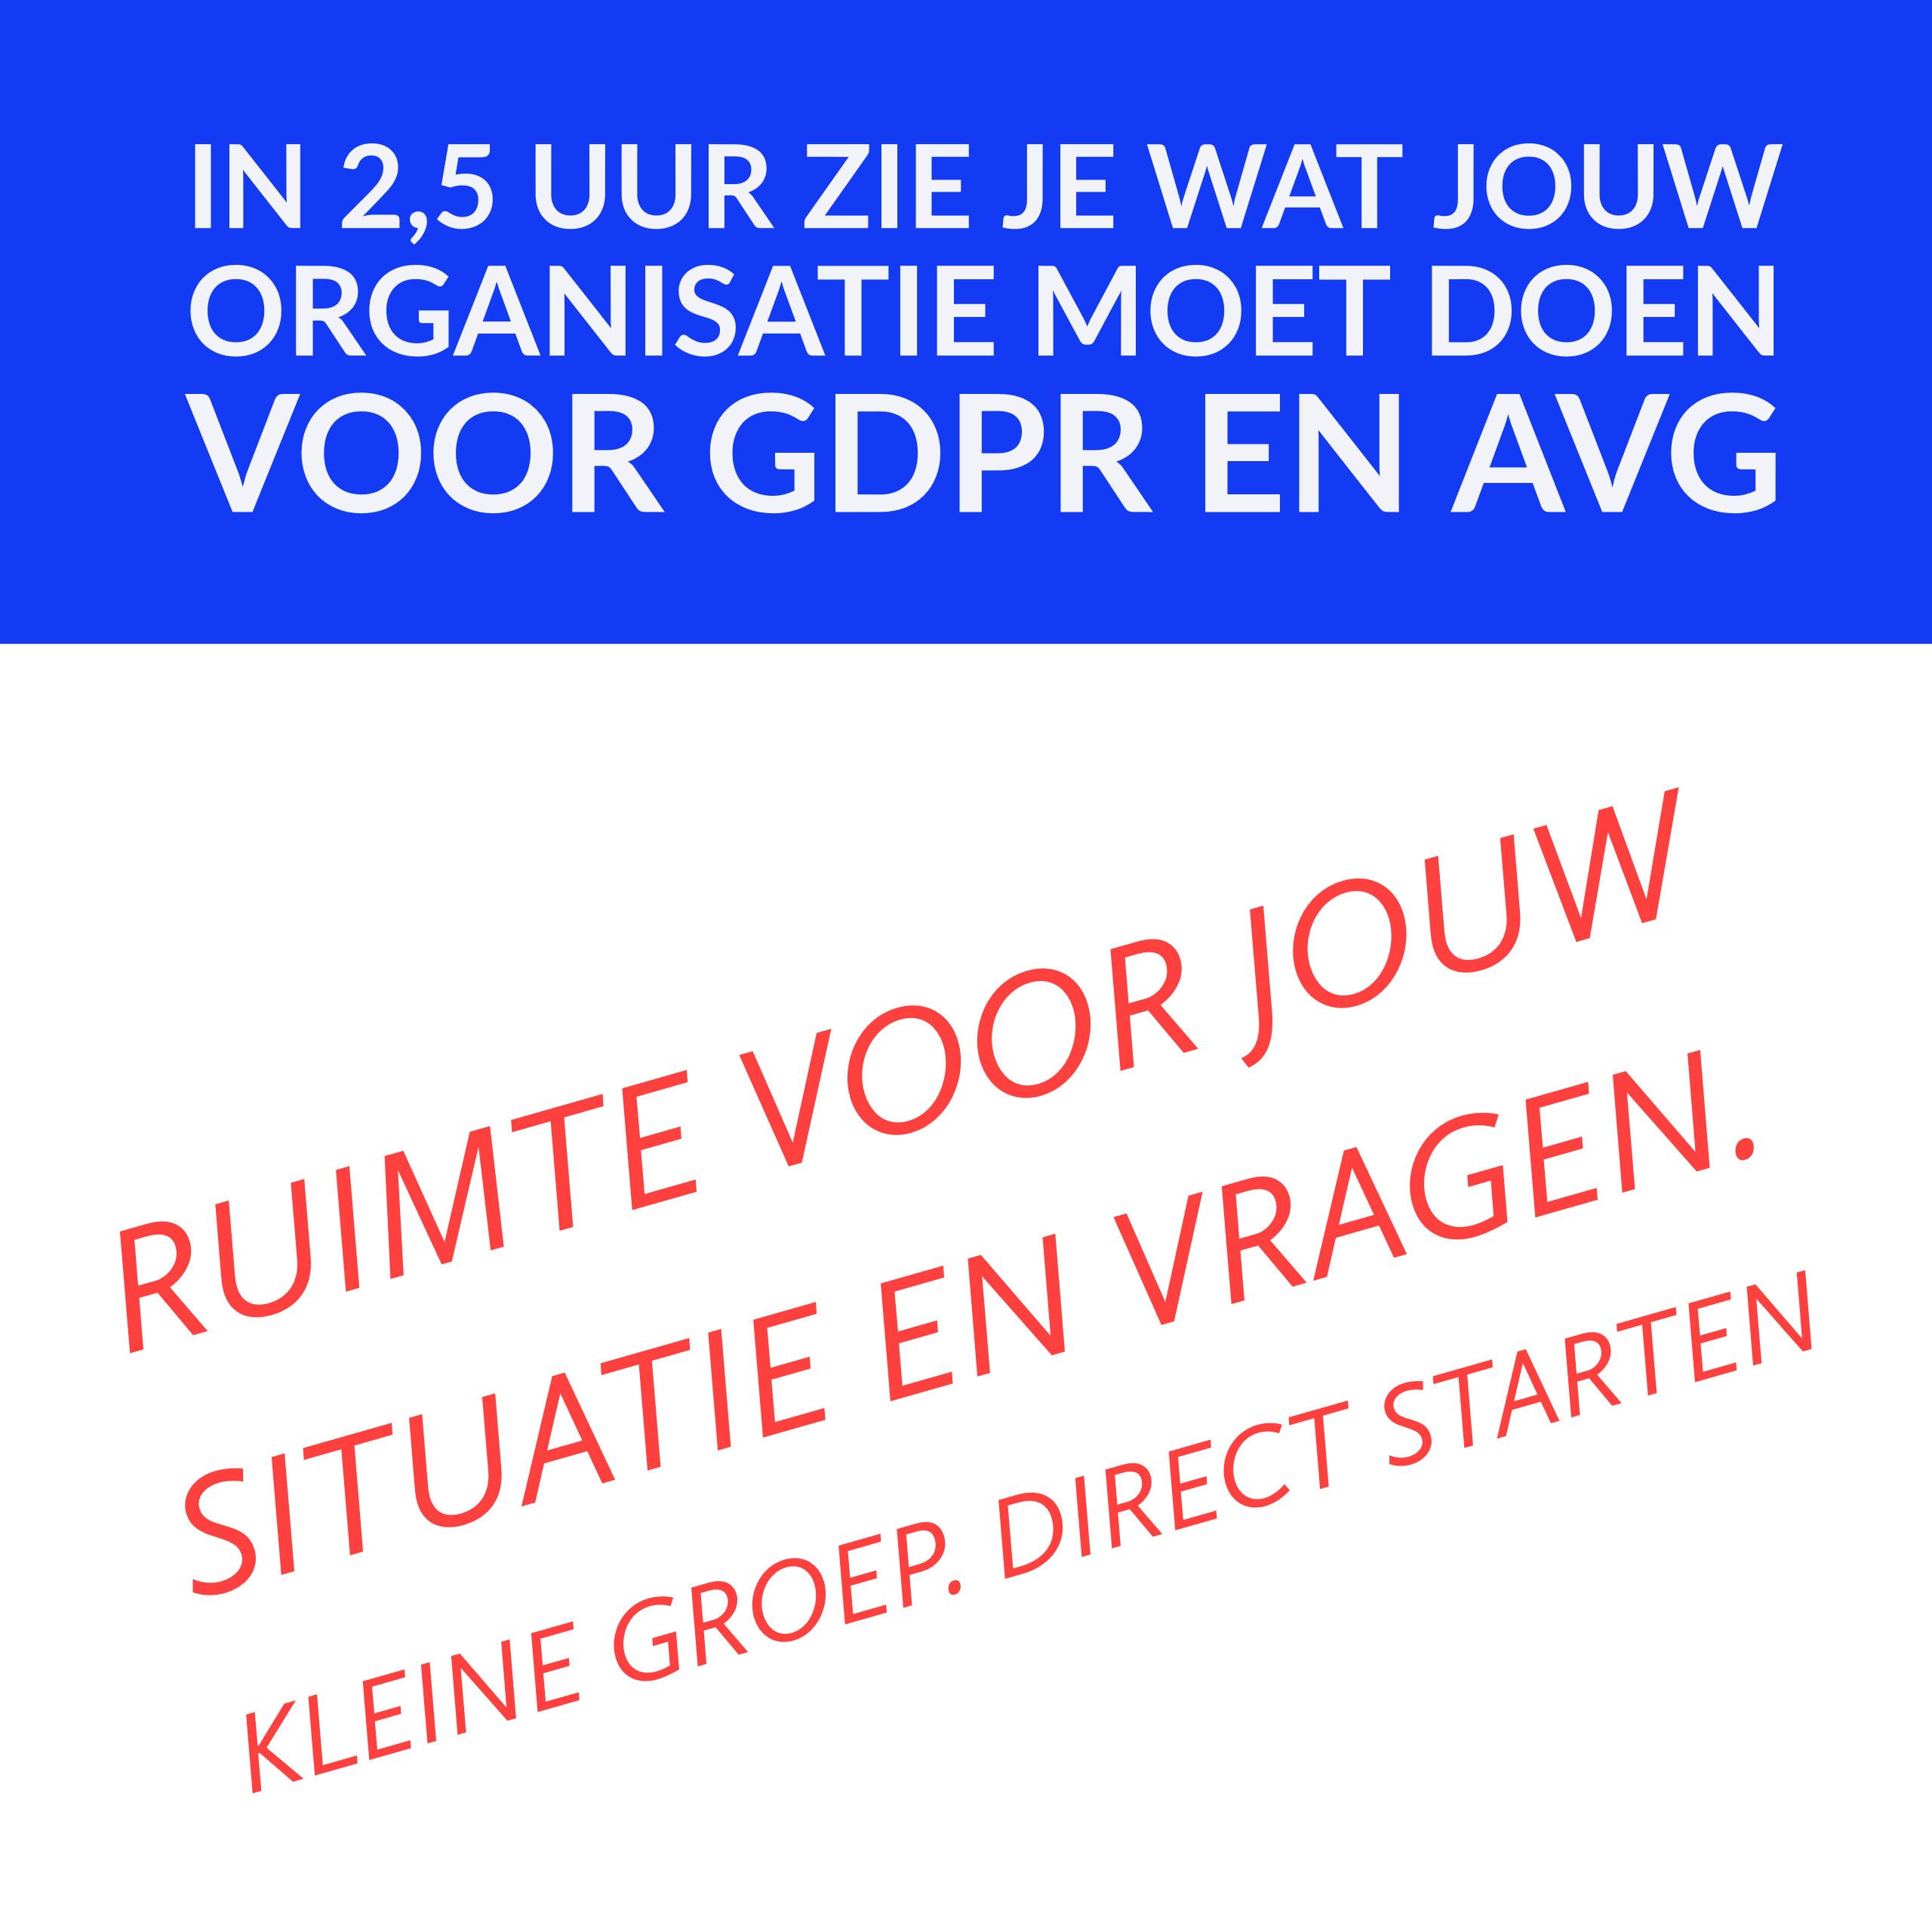 GDPR en AVG workshop. Direct starten voor jouw organisatie